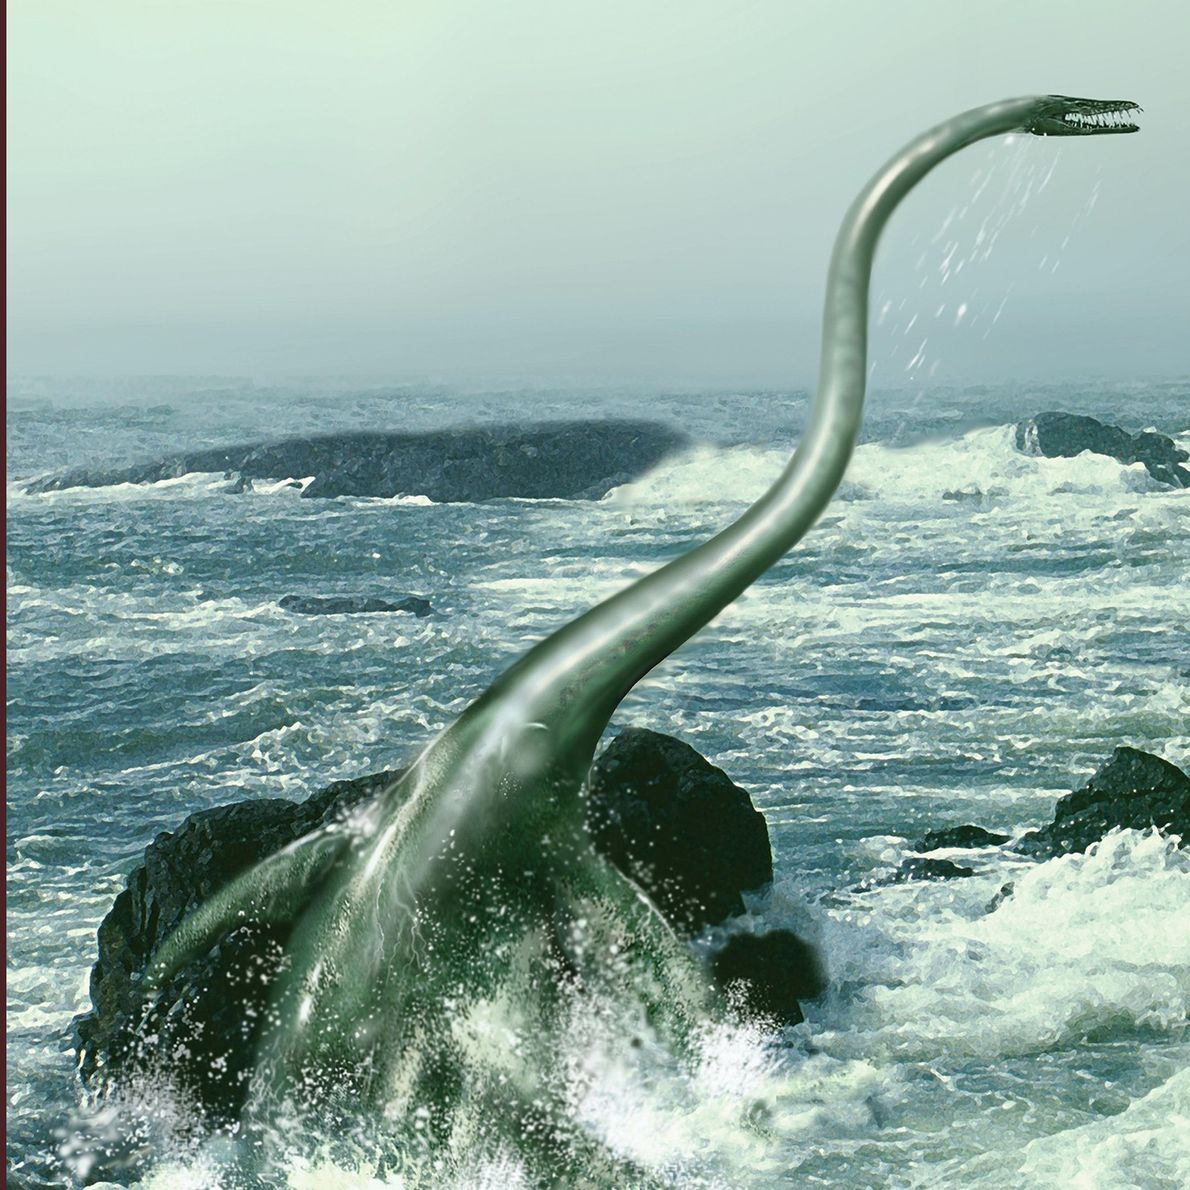 'Monstro marinho' fossilizado encontrado na Antártida era o mais pesado do gênero